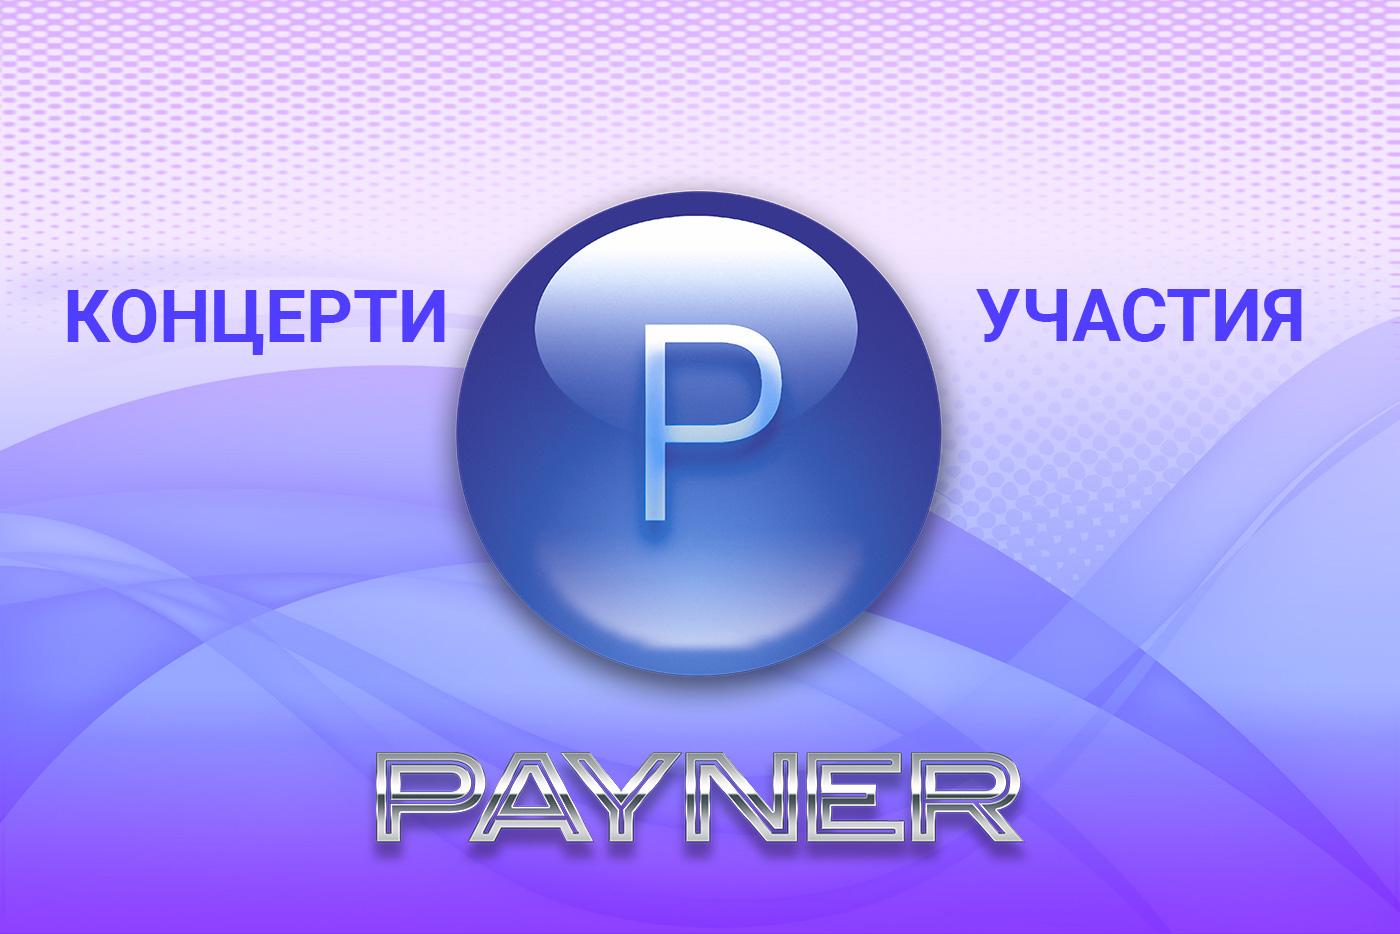 """Участия на звездите на """"Пайнер"""" на 27.02.2019"""